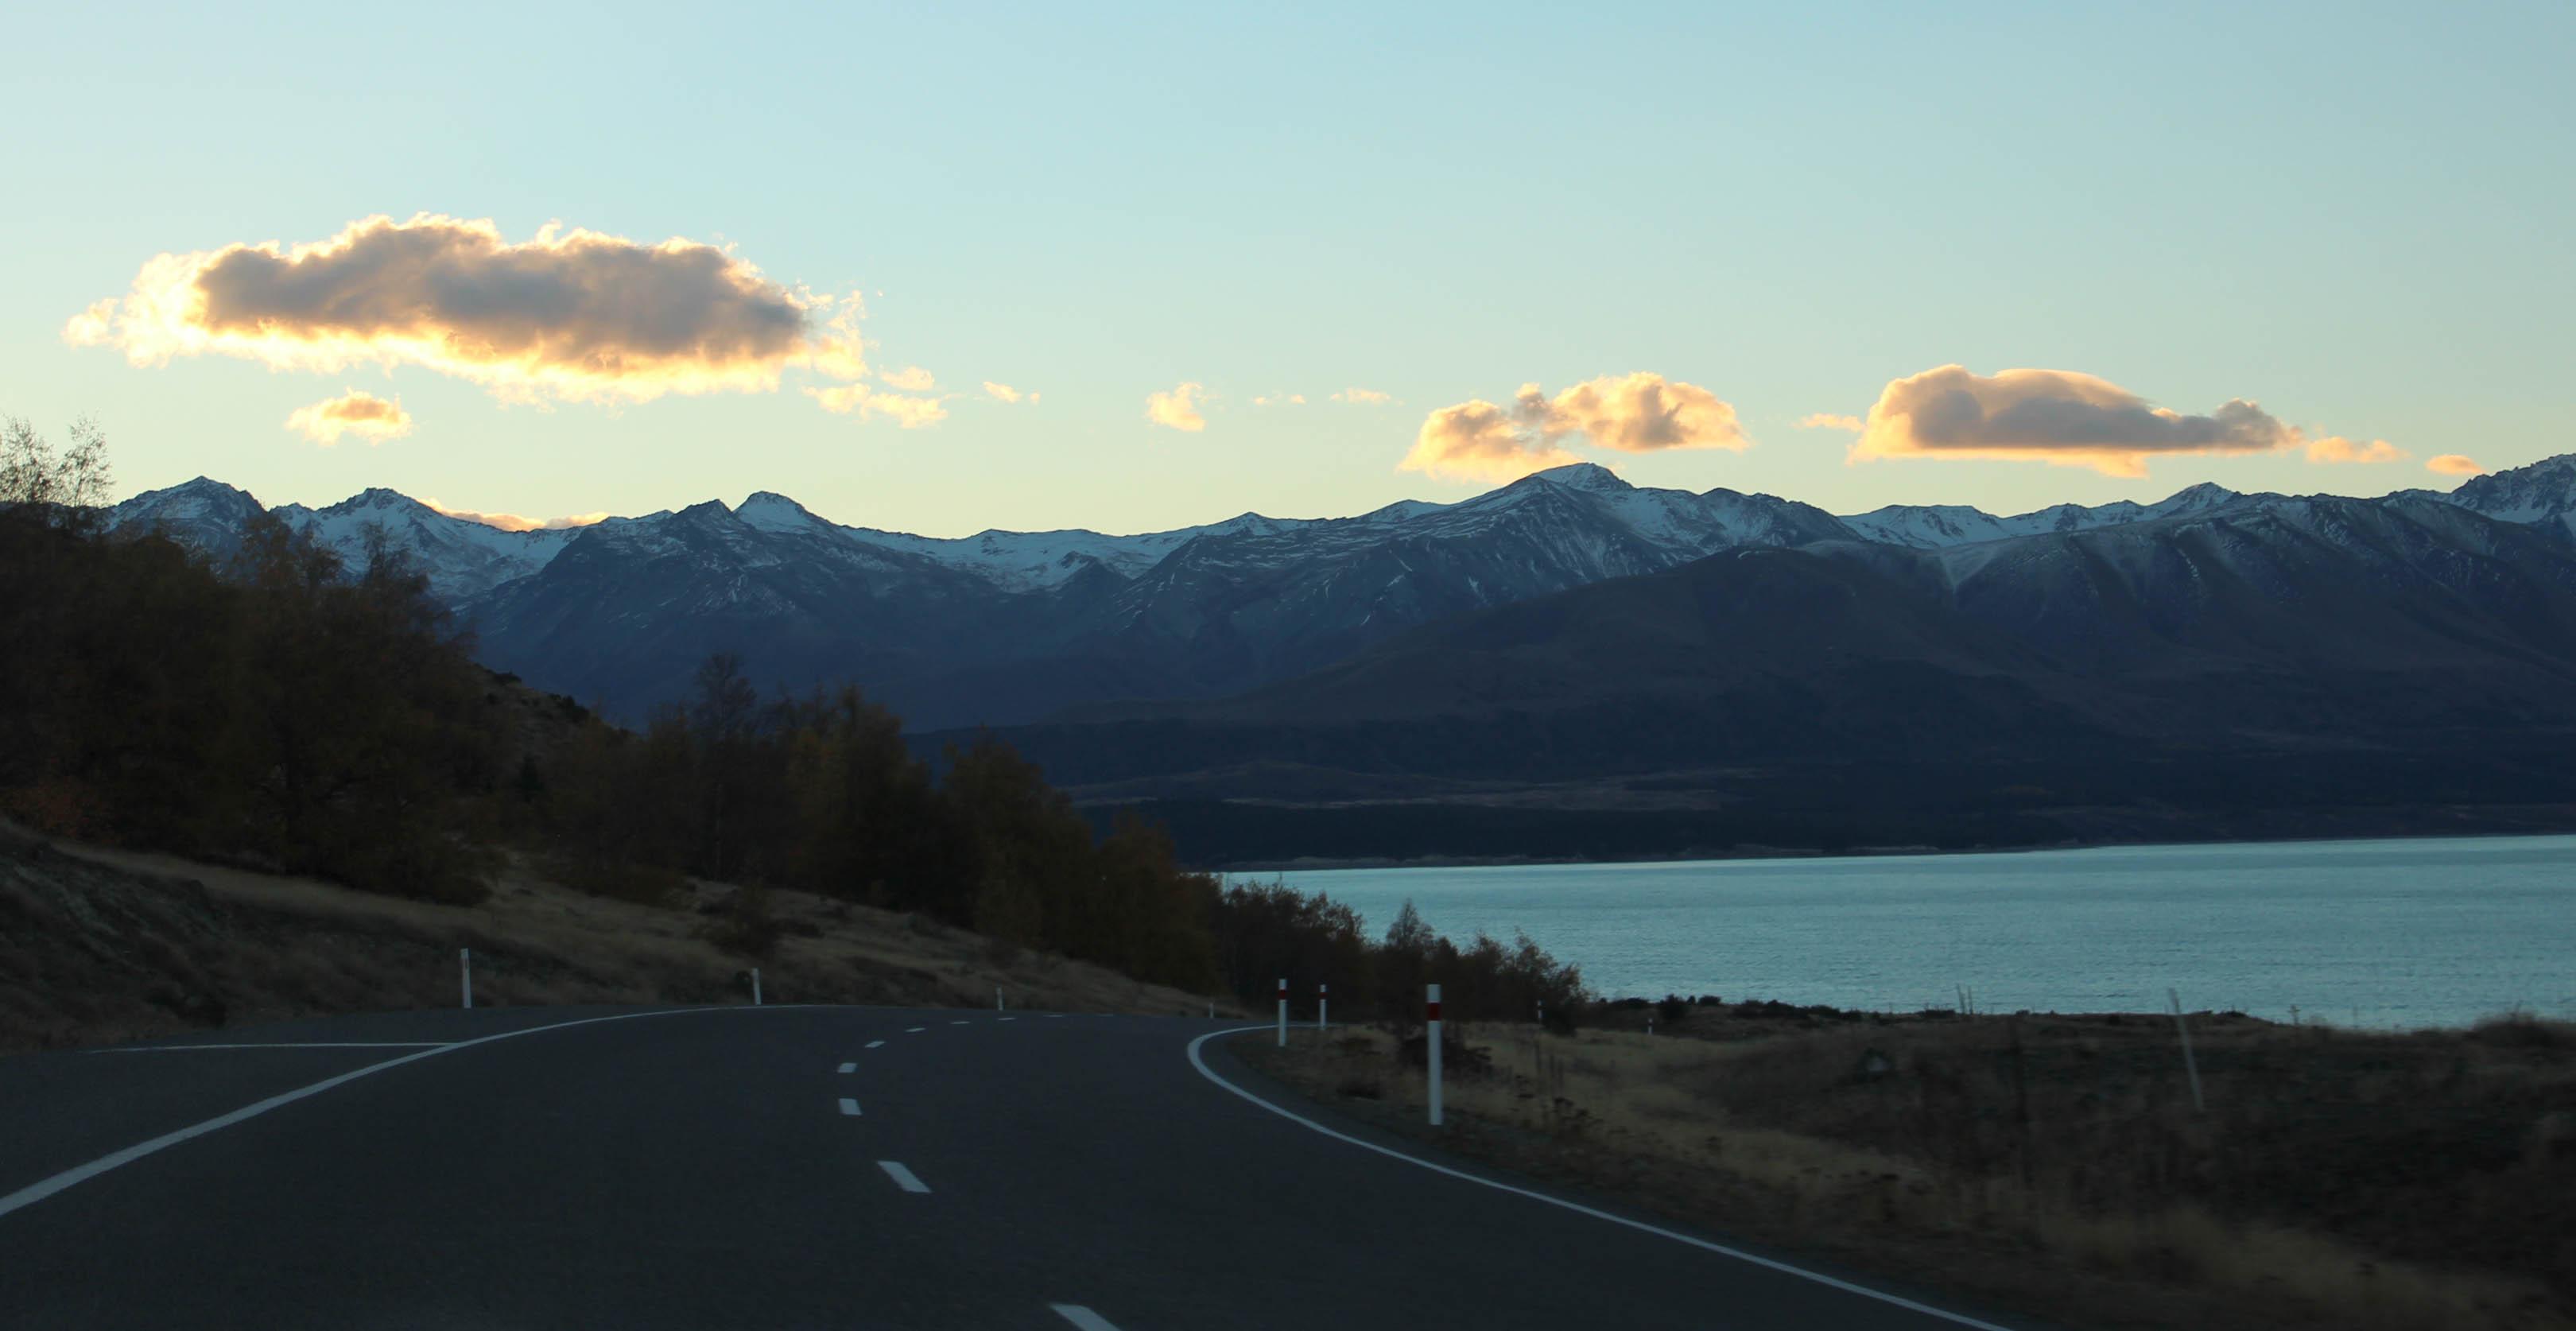 Nouvelle Zélande - Christchurch & twizel - les lubies de louise (44 sur 49)